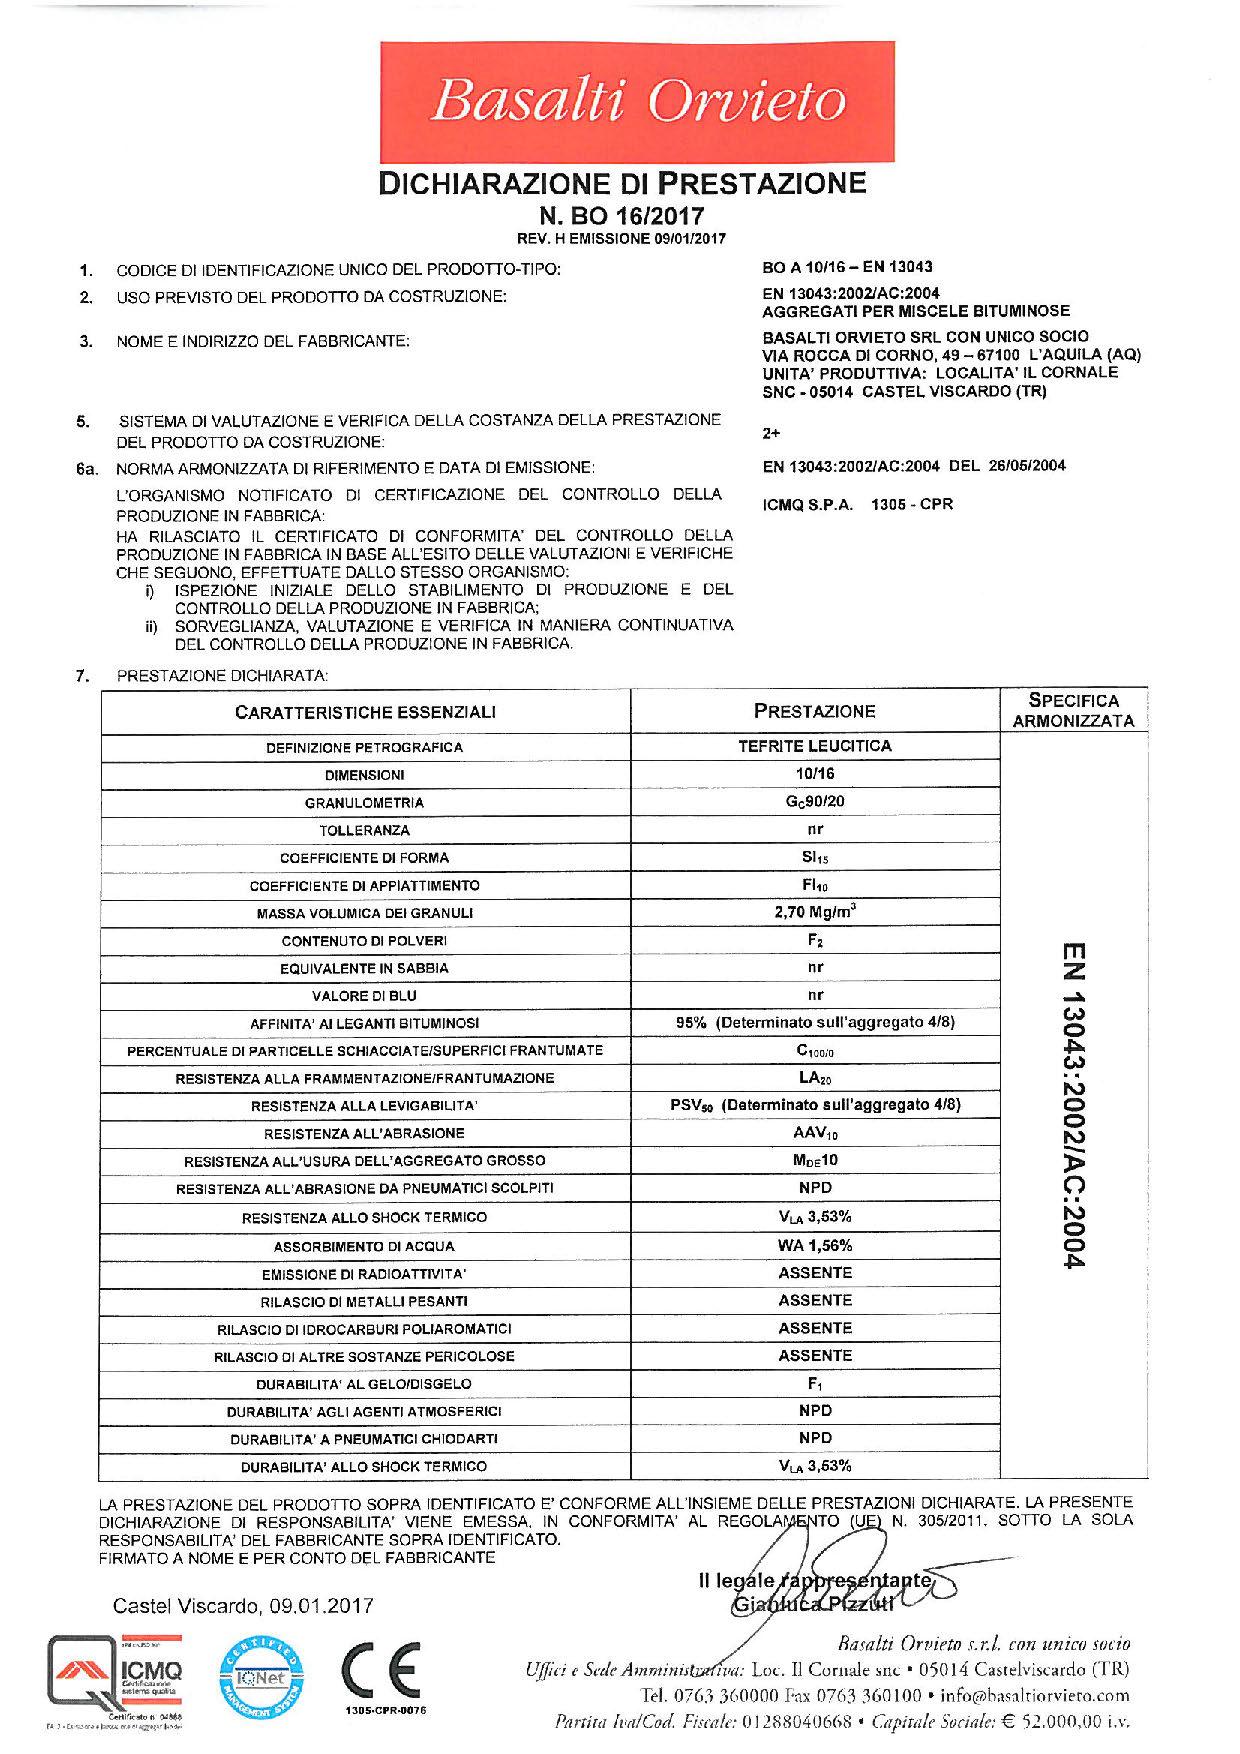 Asfalto_DoP 10-16 - EN 13043